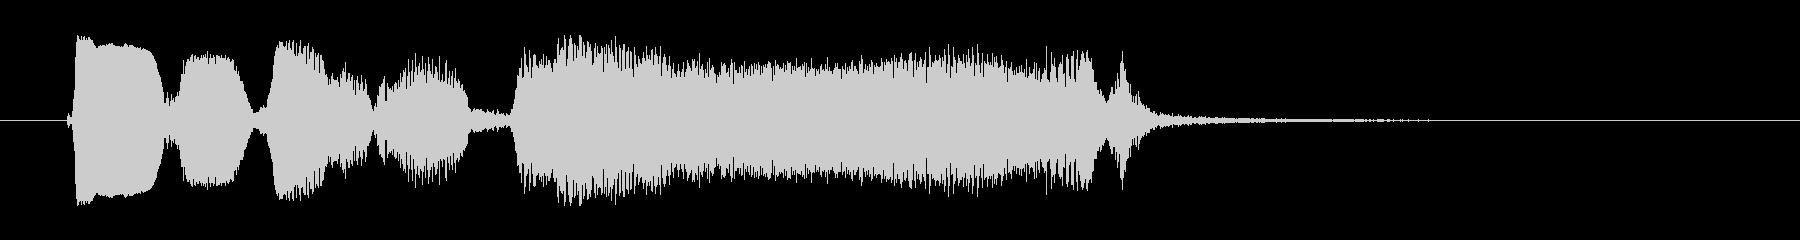 ブルースハープのジングルの未再生の波形